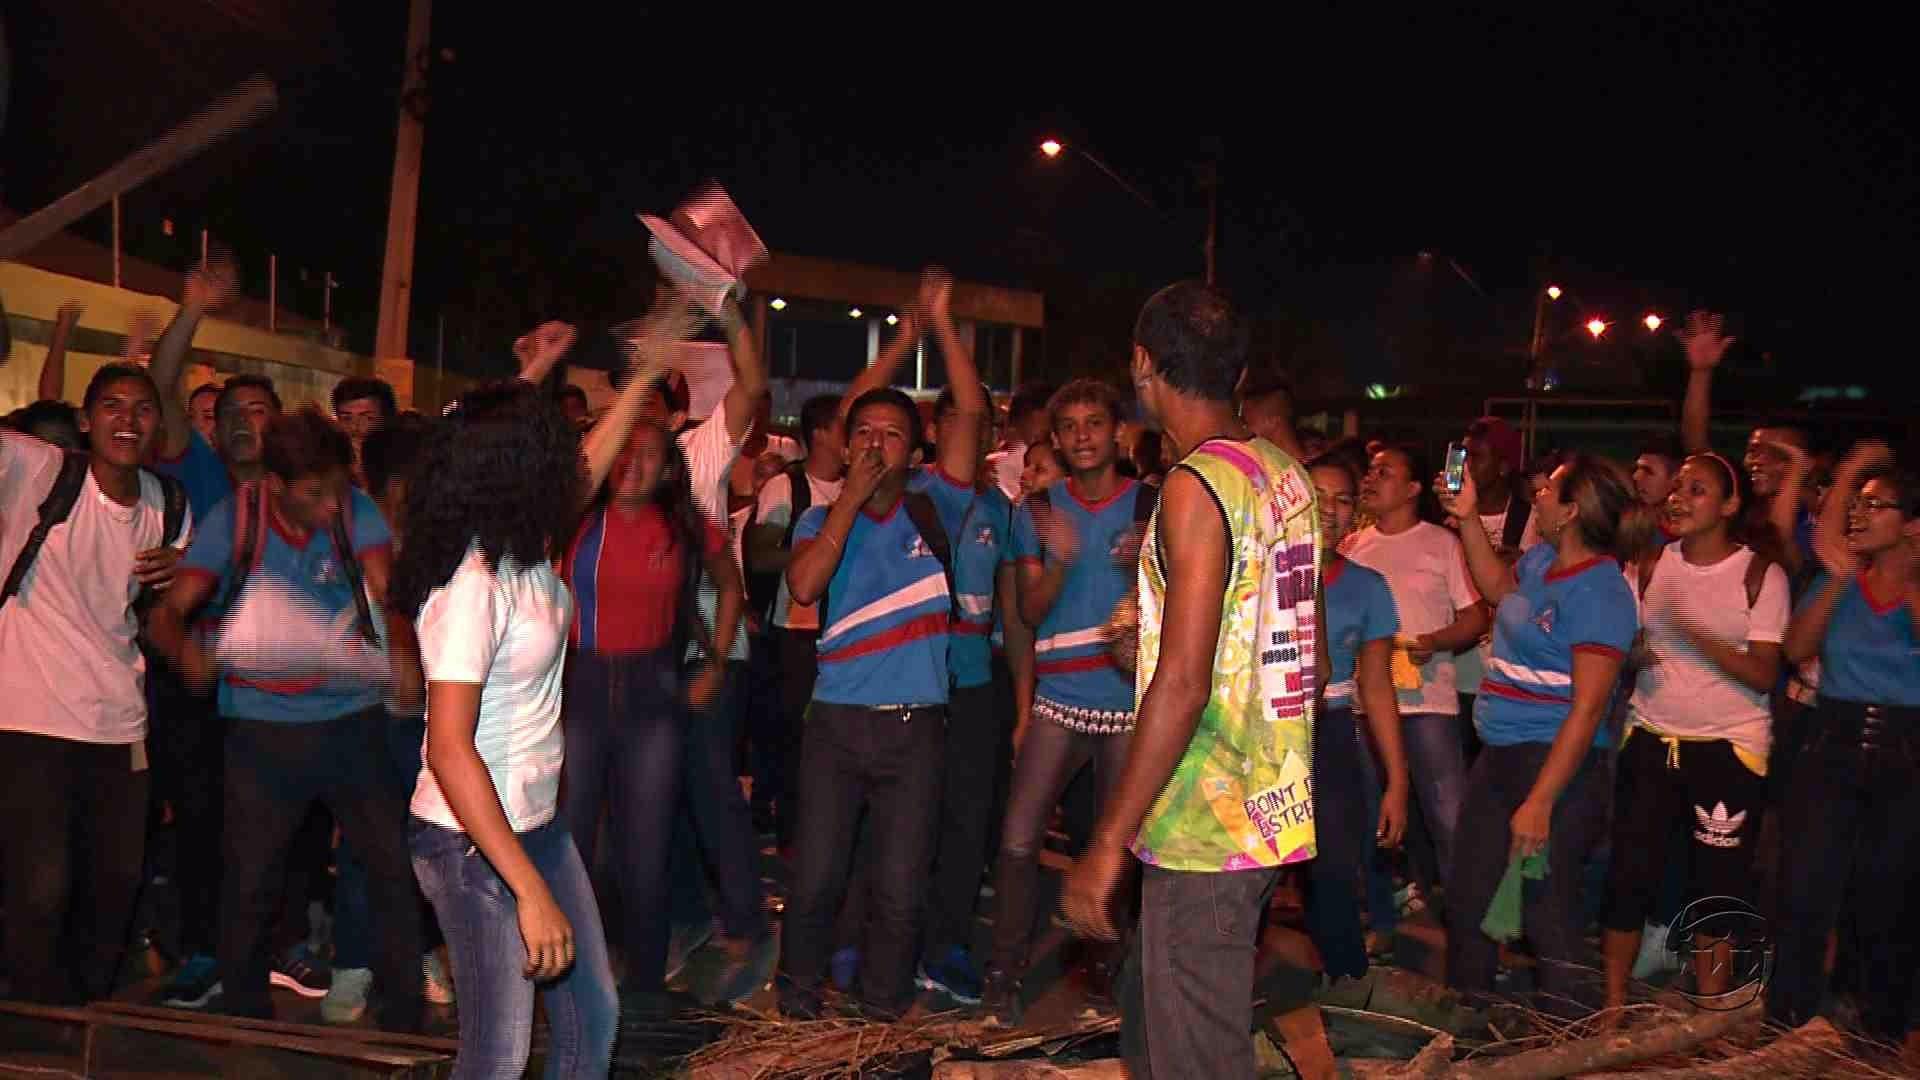 ALUNOS FAZEM MANIFESTAÇÃO DENUNCIANDO FALTA DE SEGURANÇA EM ESCOLA - Alô Amazonas - 23/06/17